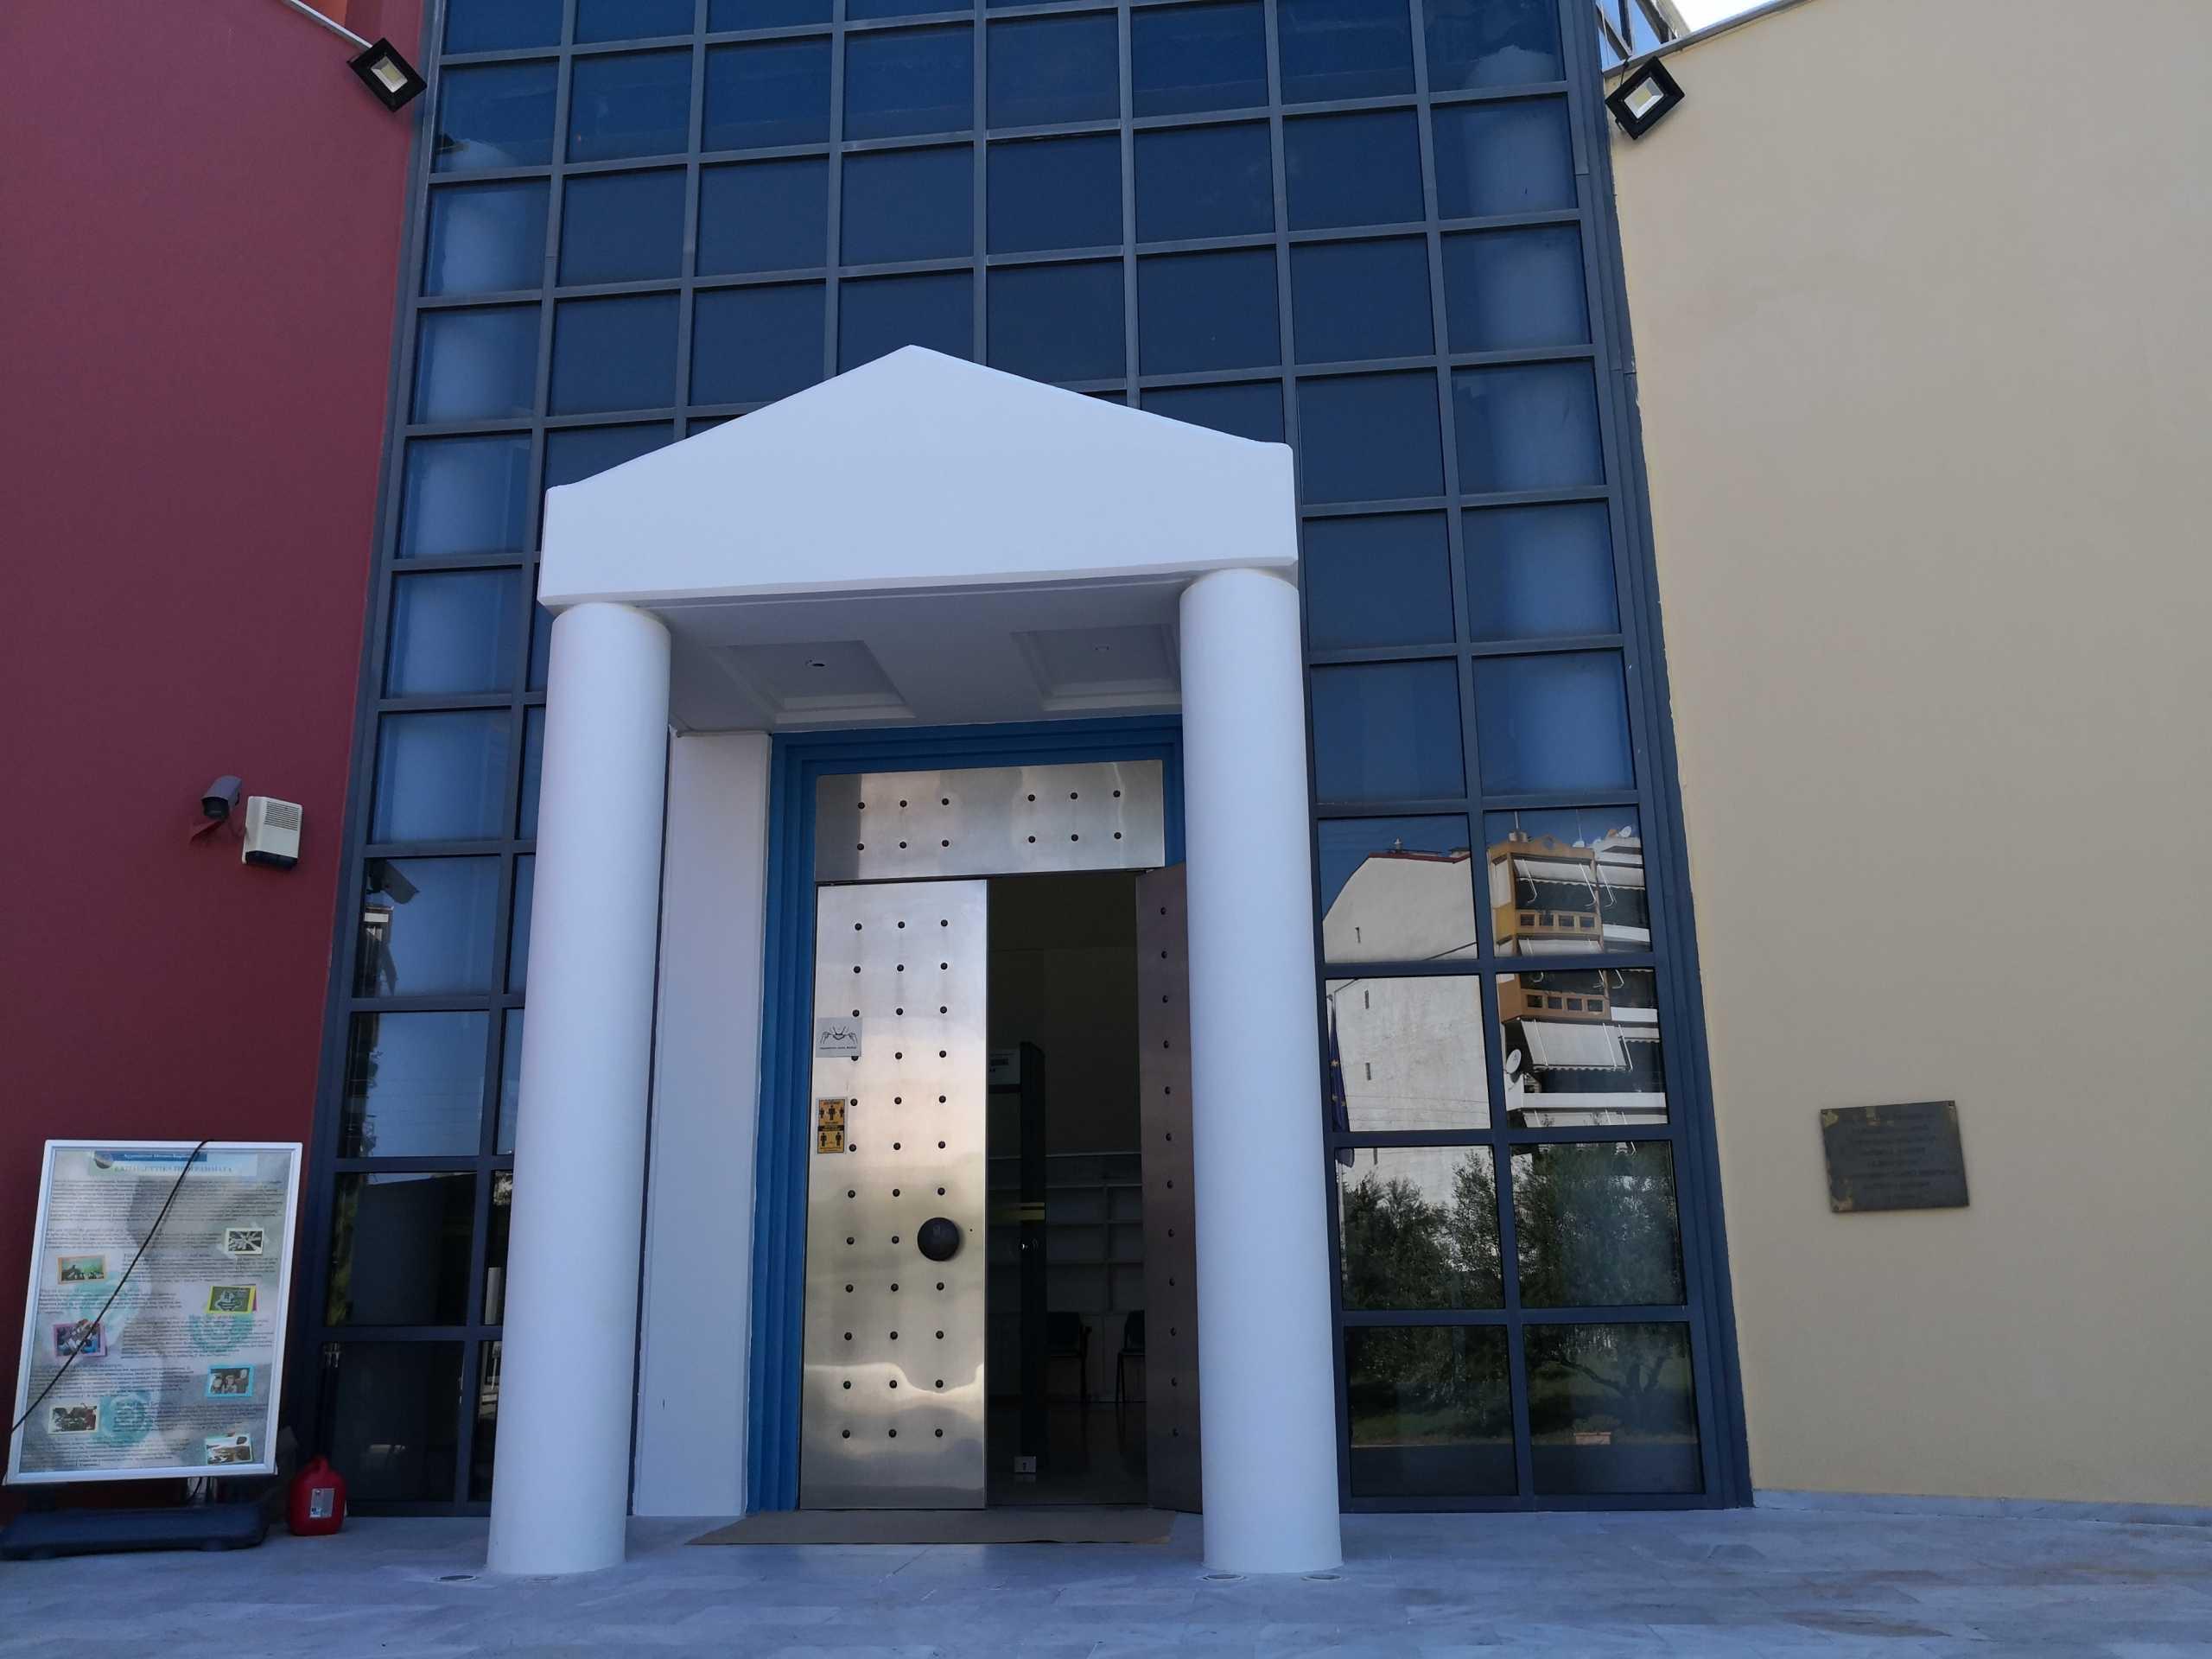 Καρδίτσα: Ένα χρόνο μετά τις καταστροφές από τον «Ιανό» το Αρχαιολογικό Μουσείο ξαναλειτουργεί